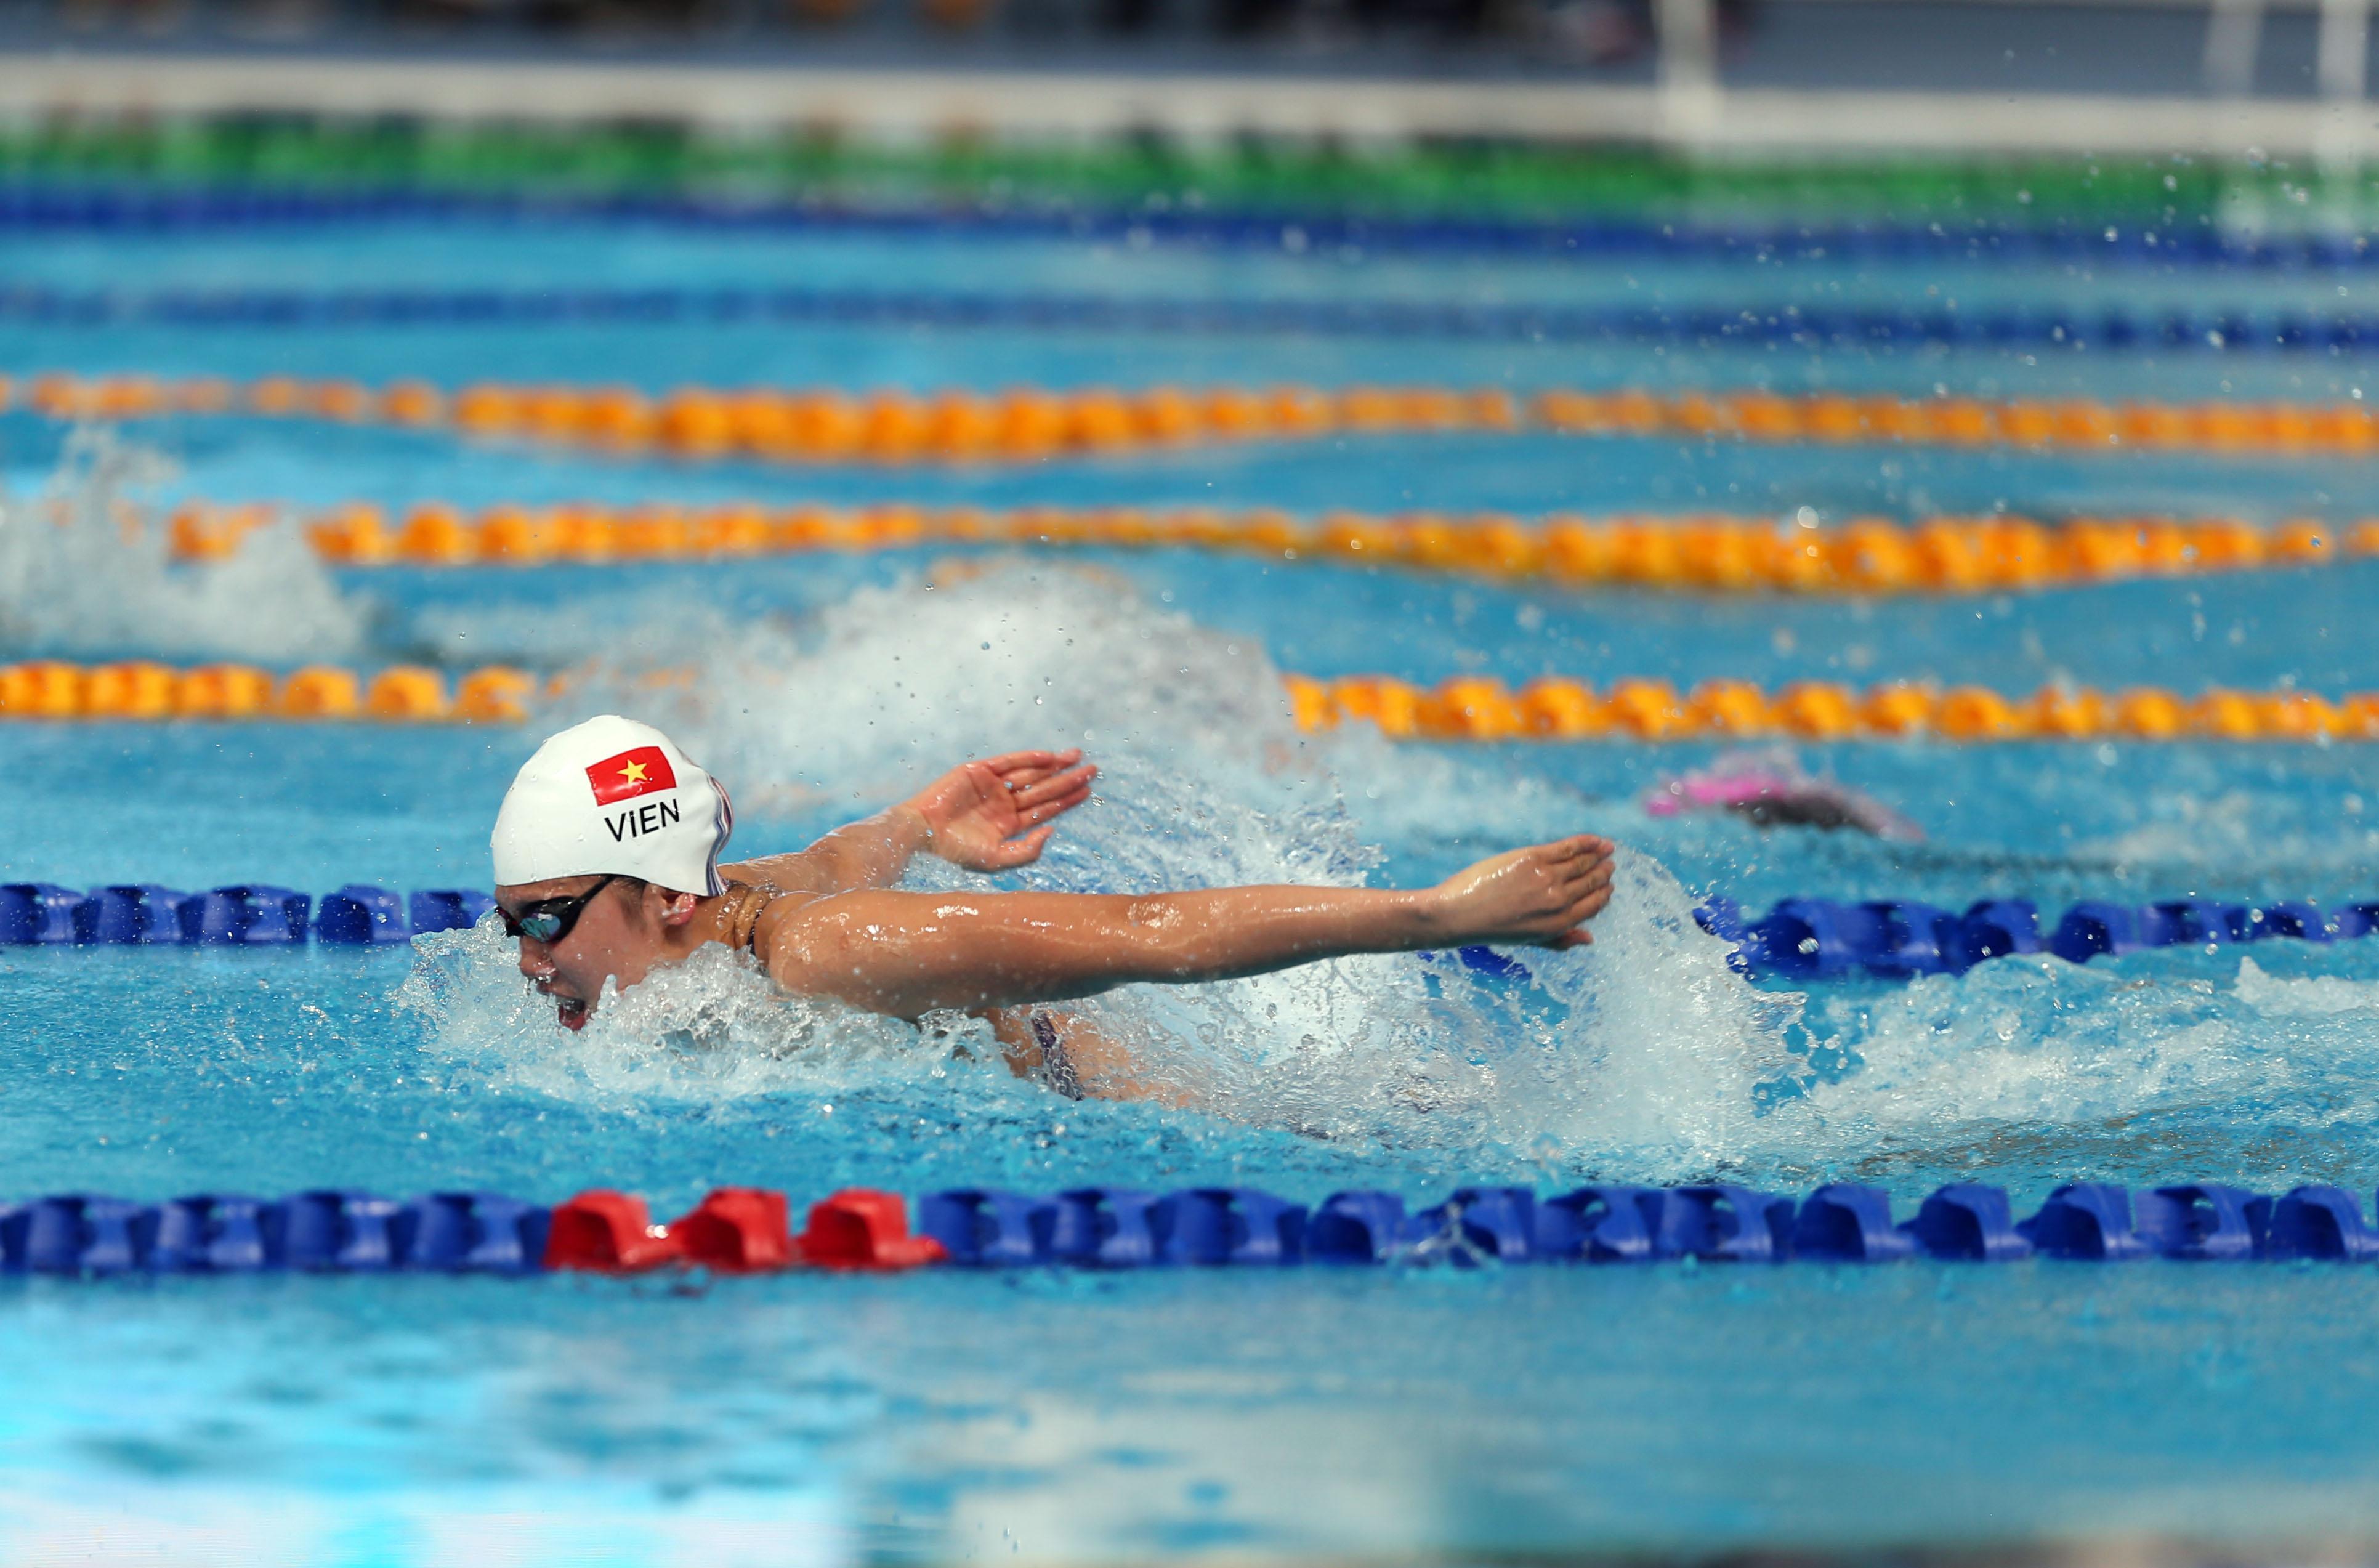 Sức mạnh của bơi lội Việt - Báo Người lao động